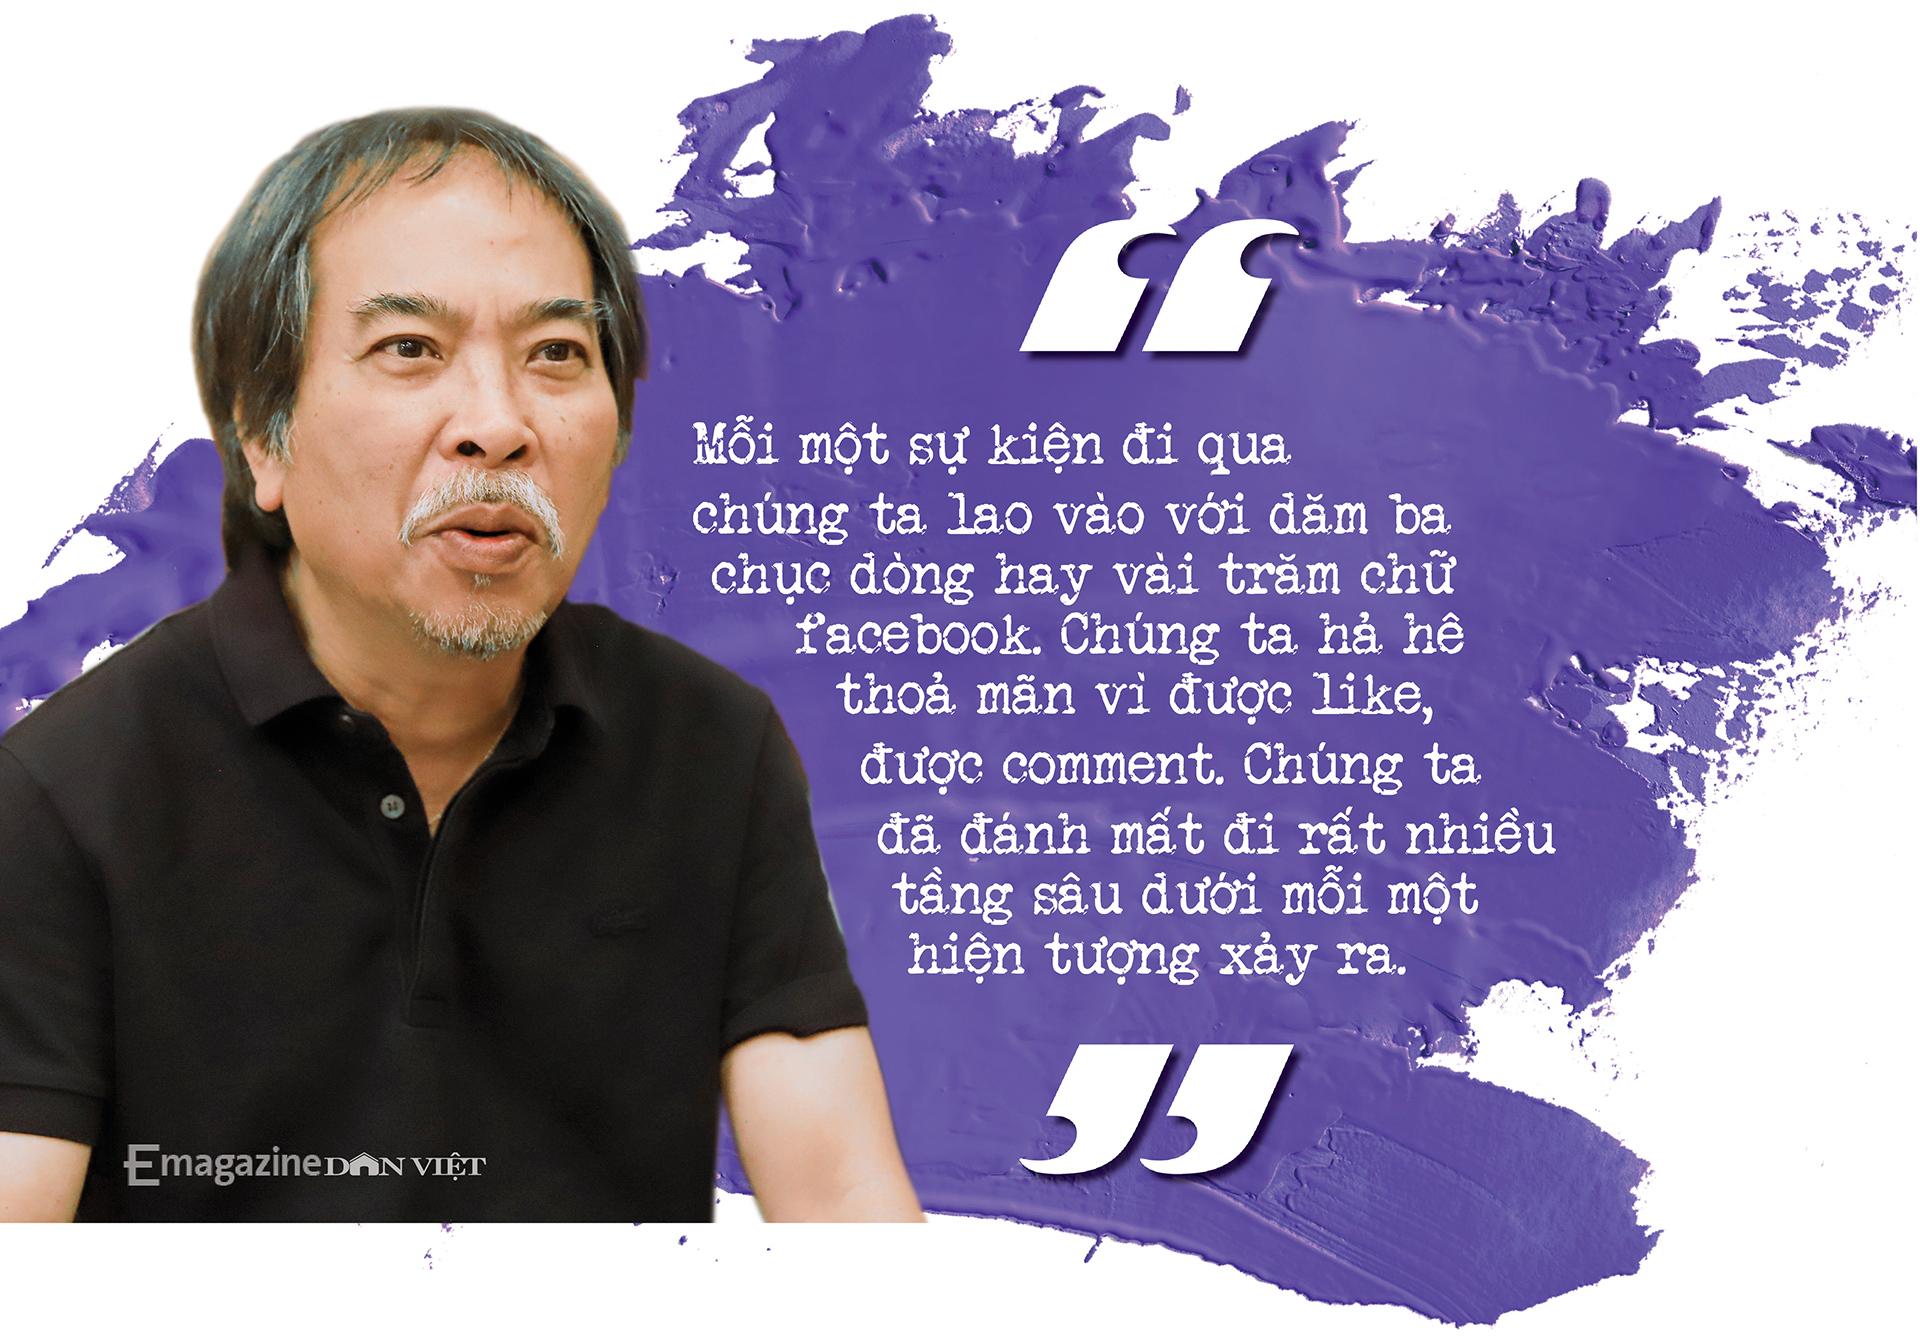 Nhà văn Nguyễn Quang Thiều: Sự đập cánh của đôi cánh tự do khác đôi chân của kẻ tuỳ tiện - Ảnh 19.